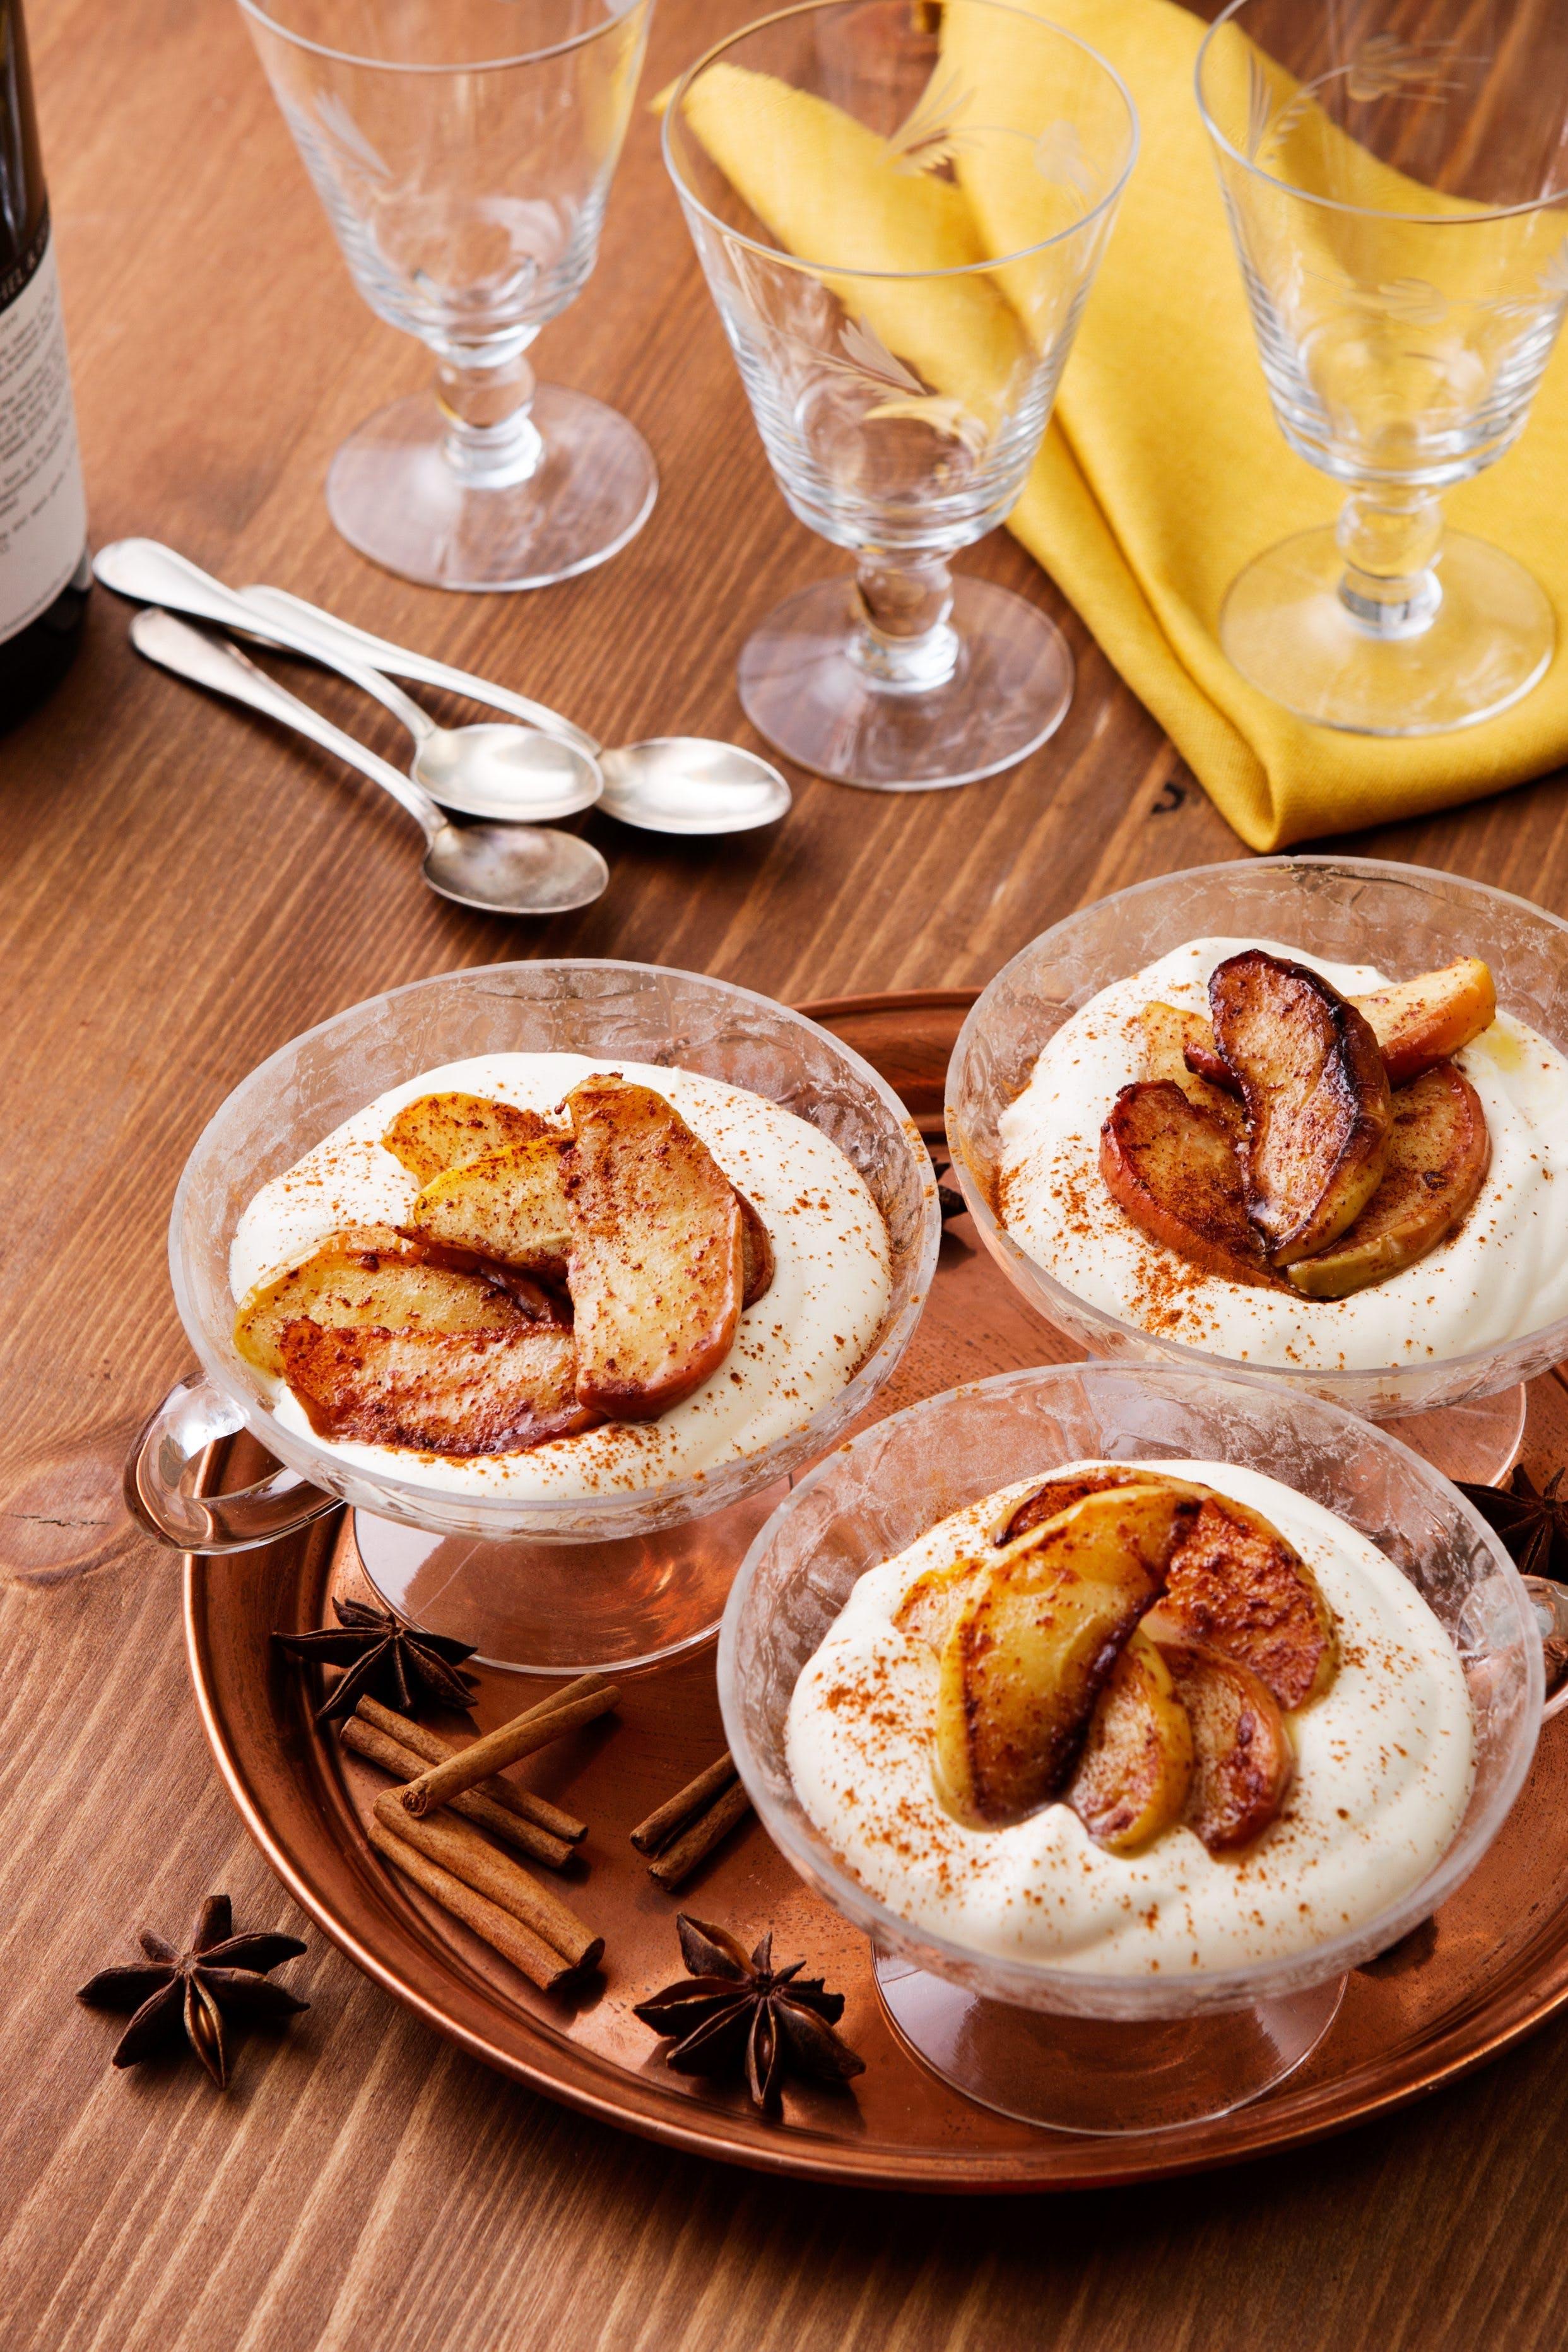 Smörstekta kaneläpplen med vaniljsås